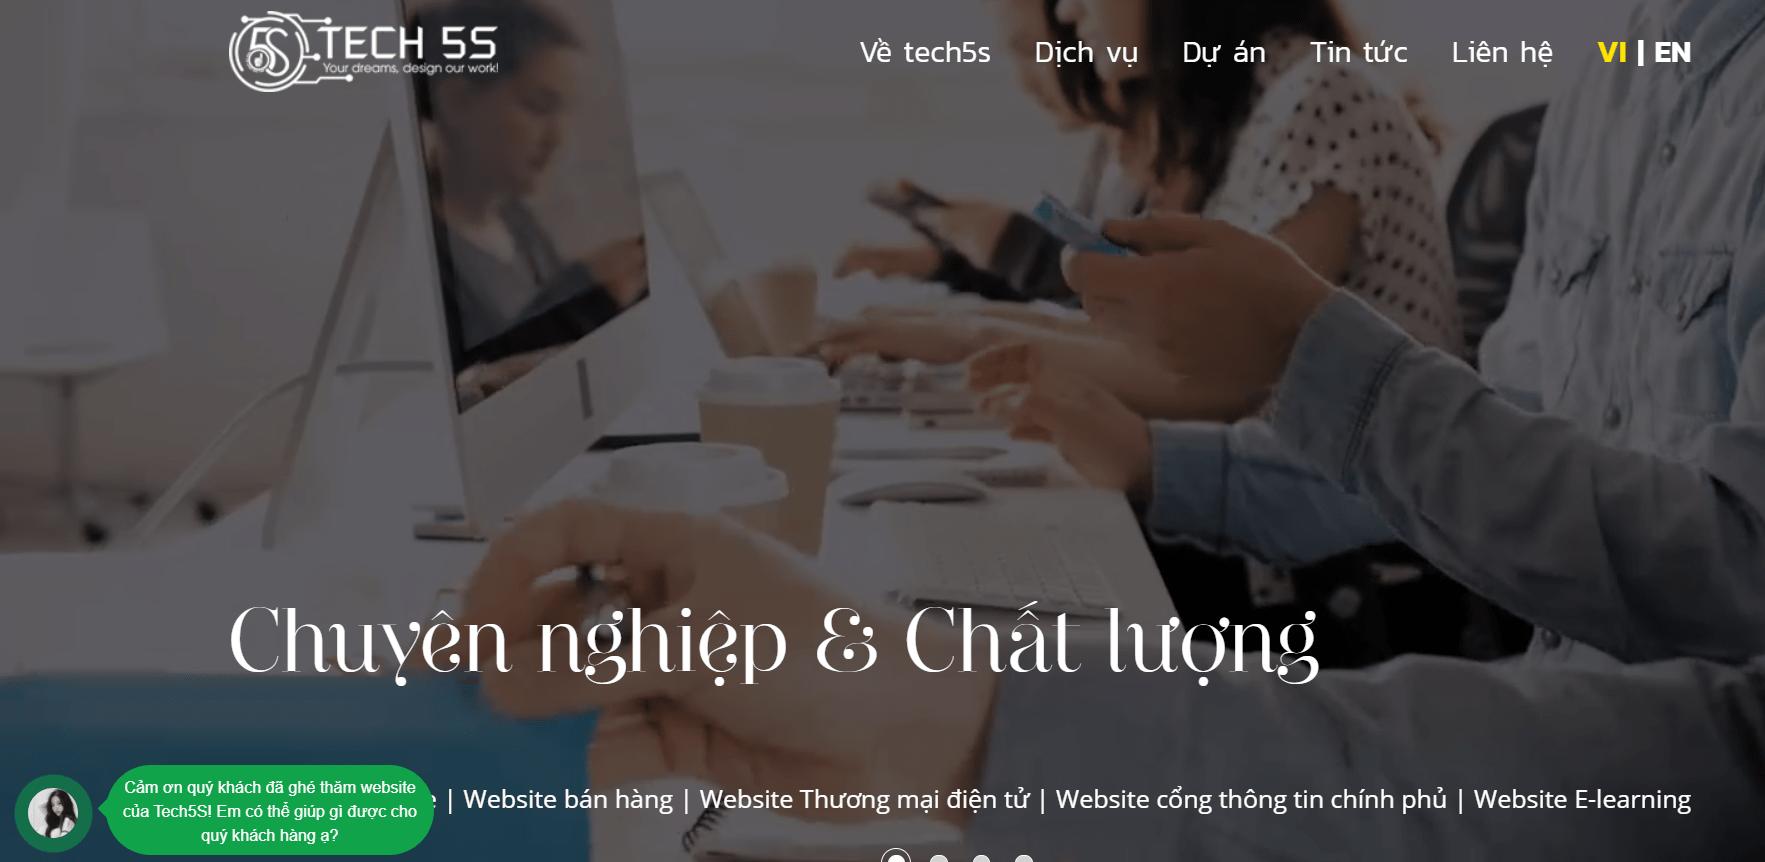 Công Ty Cổ Phần Công Nghệ Tech5s